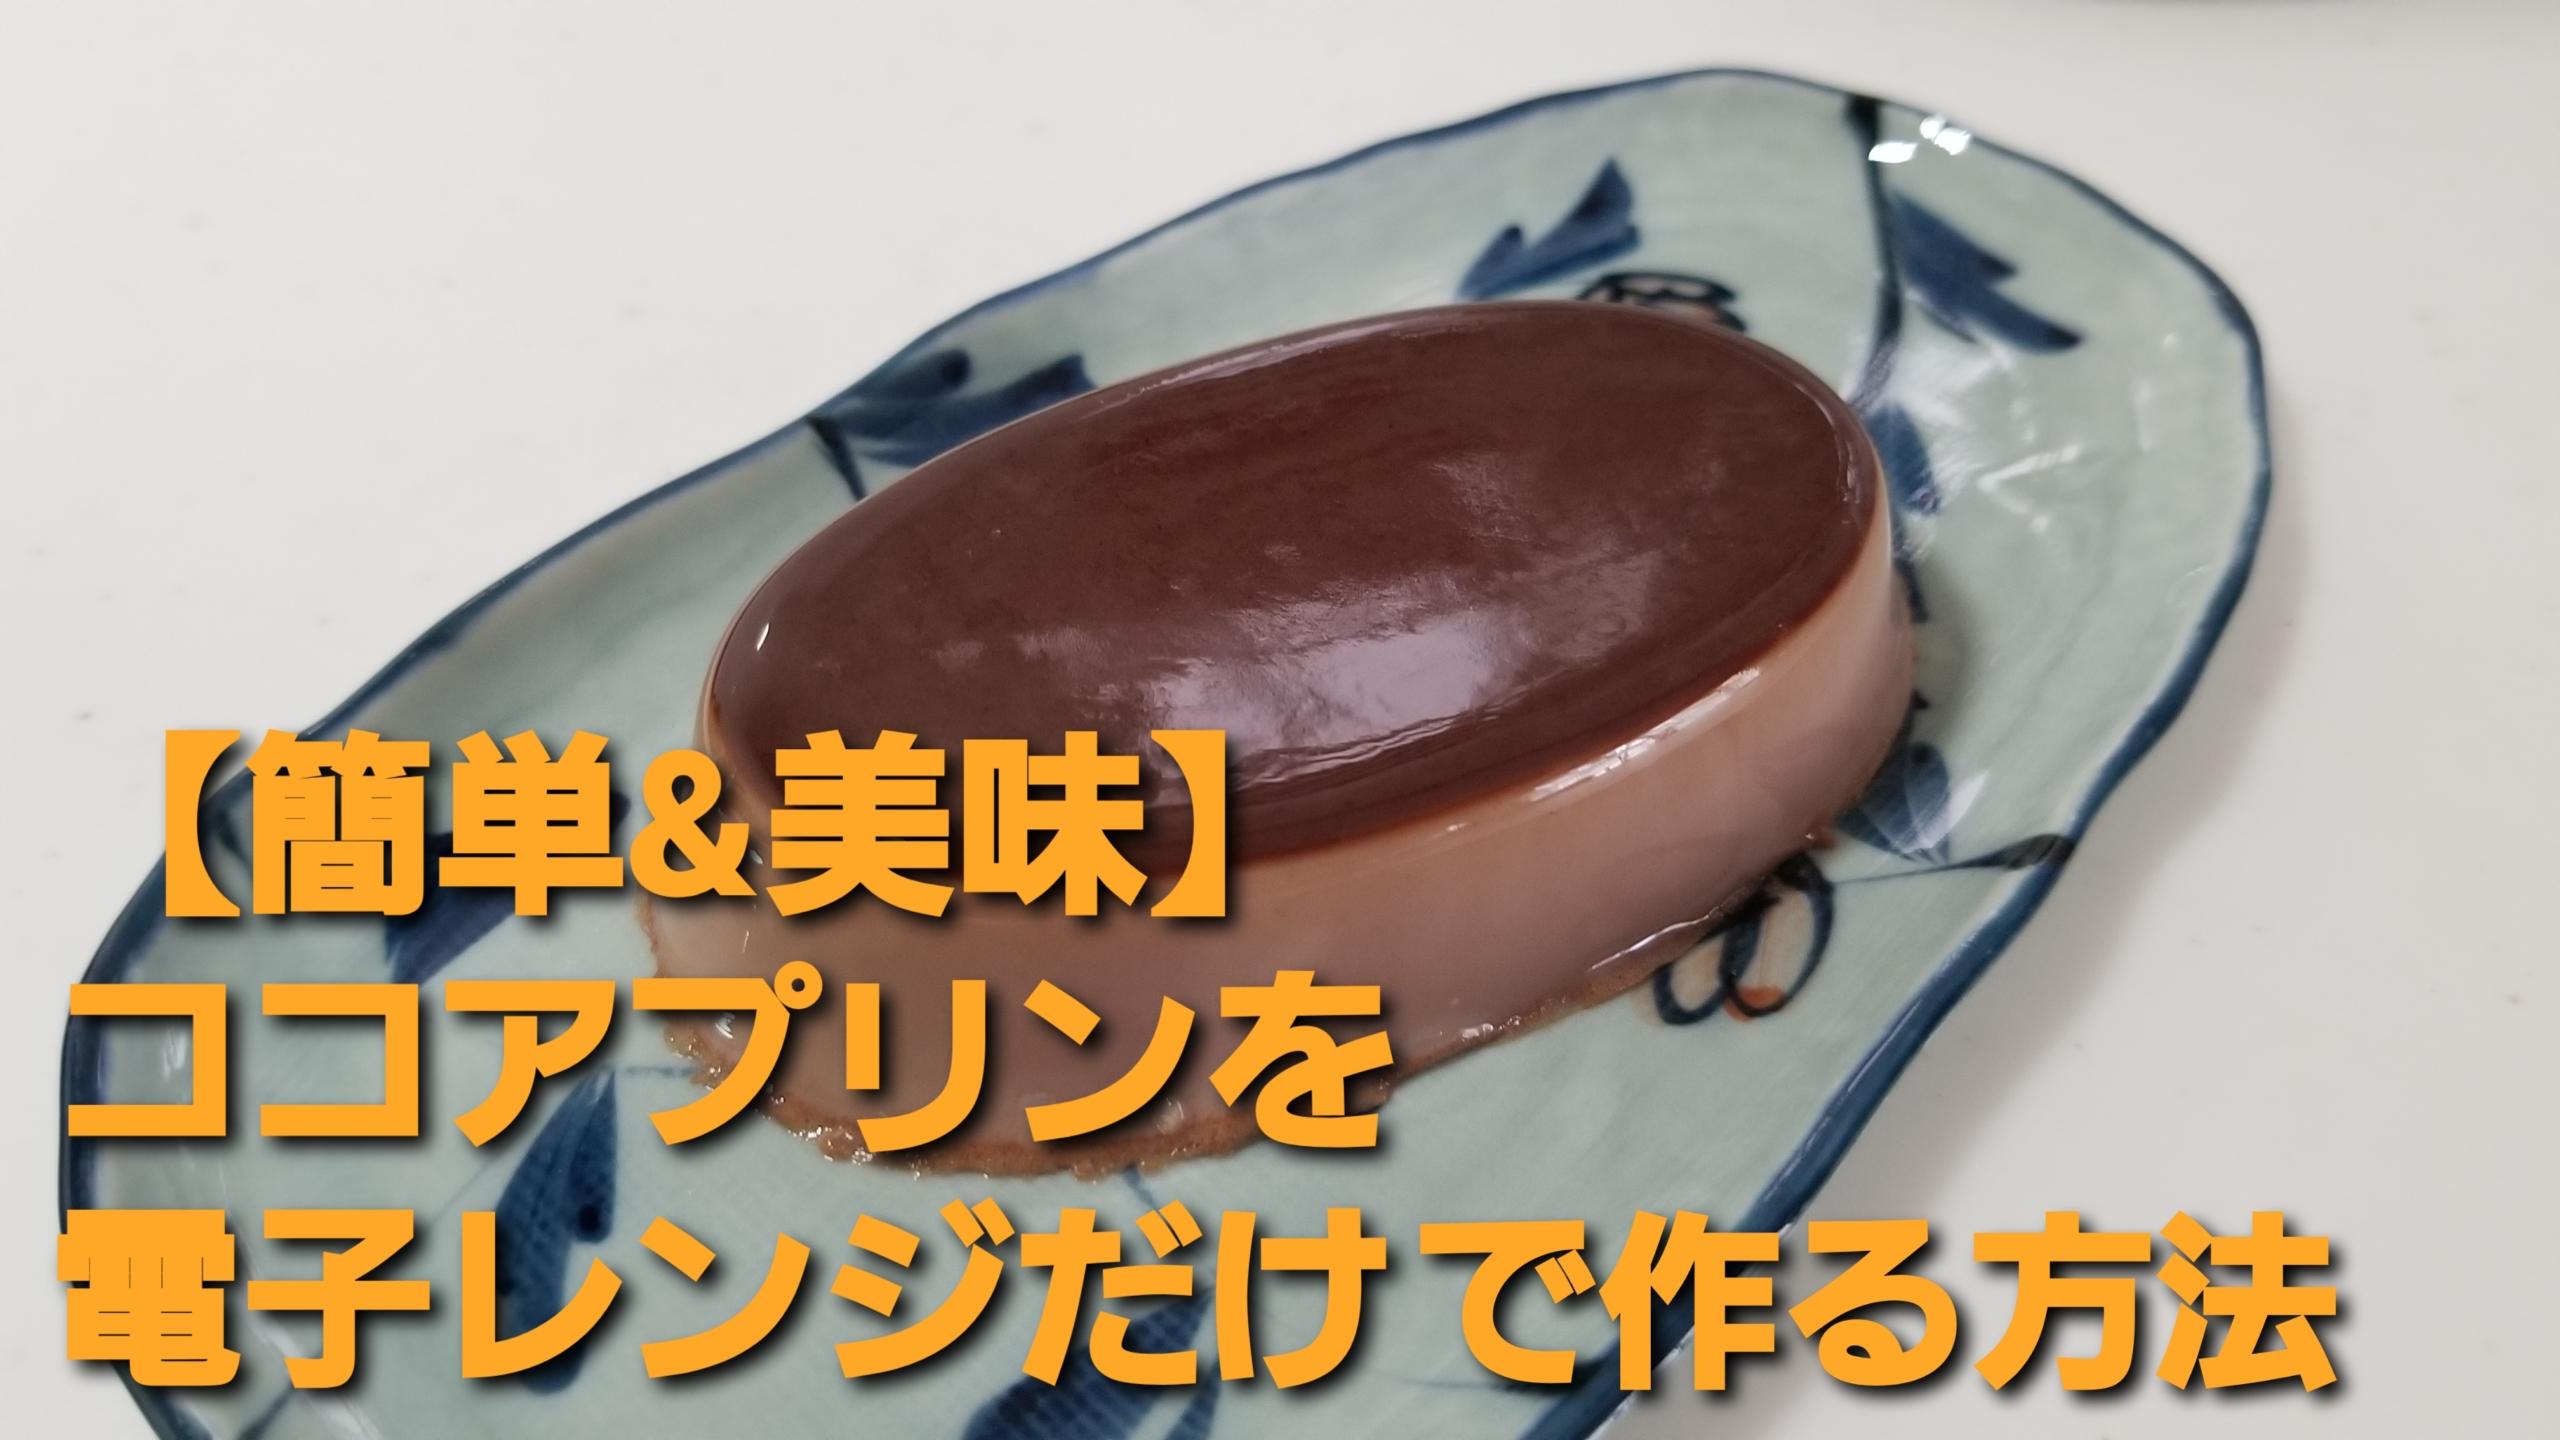 【ココアプリン】電子レンジで作る簡単レシピ(5ステップ×調理時間10分)